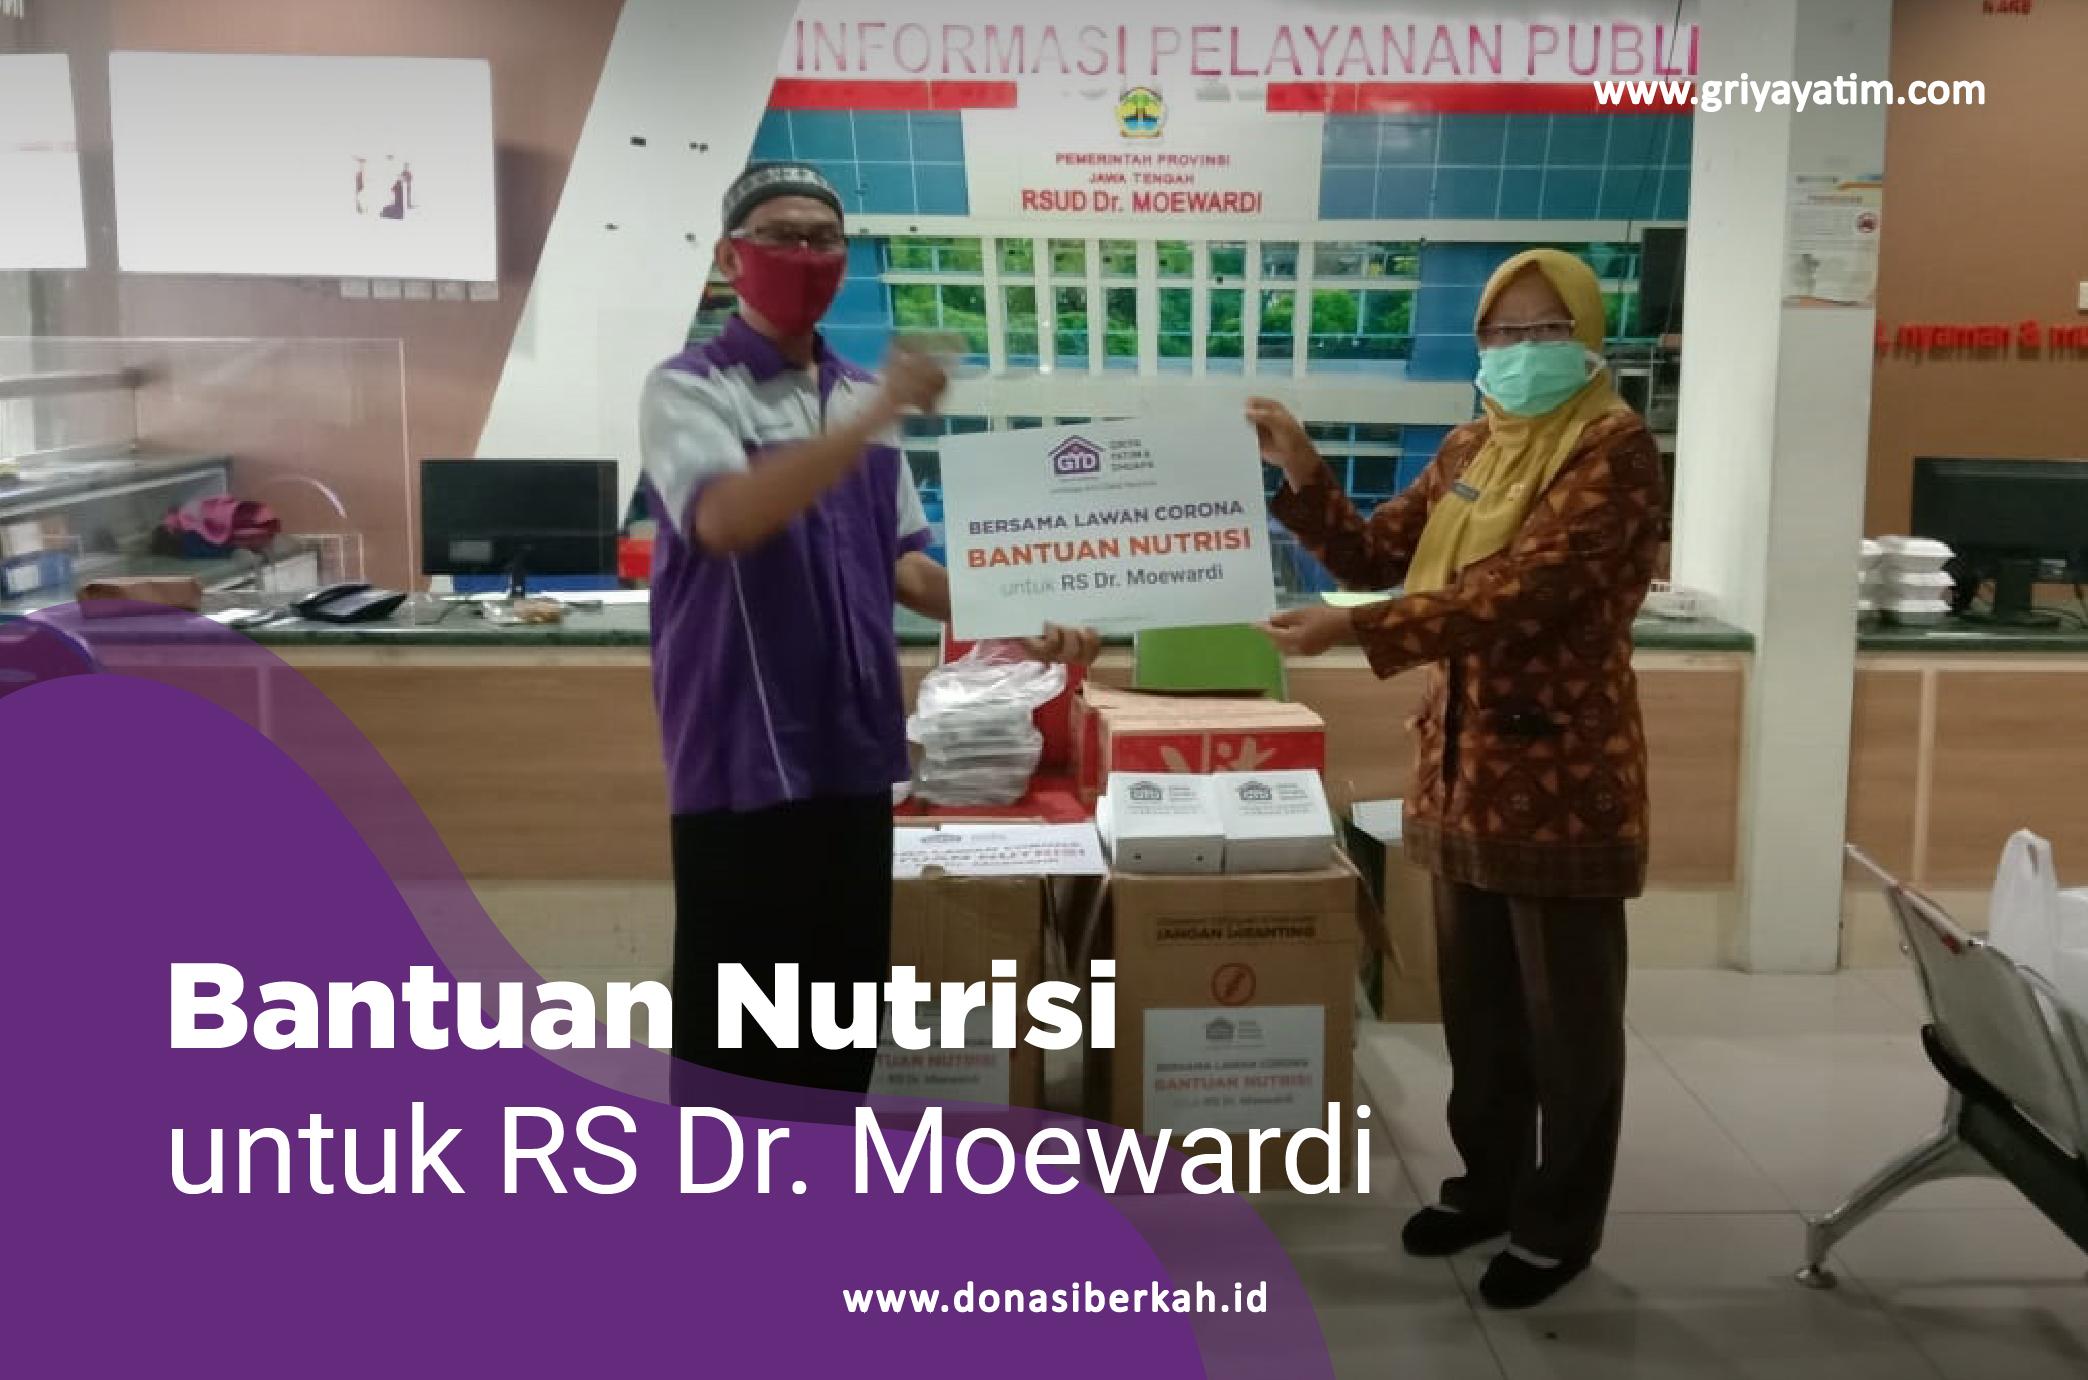 Bantuan Nutrisi Untuk Rs Dr. Moewardi